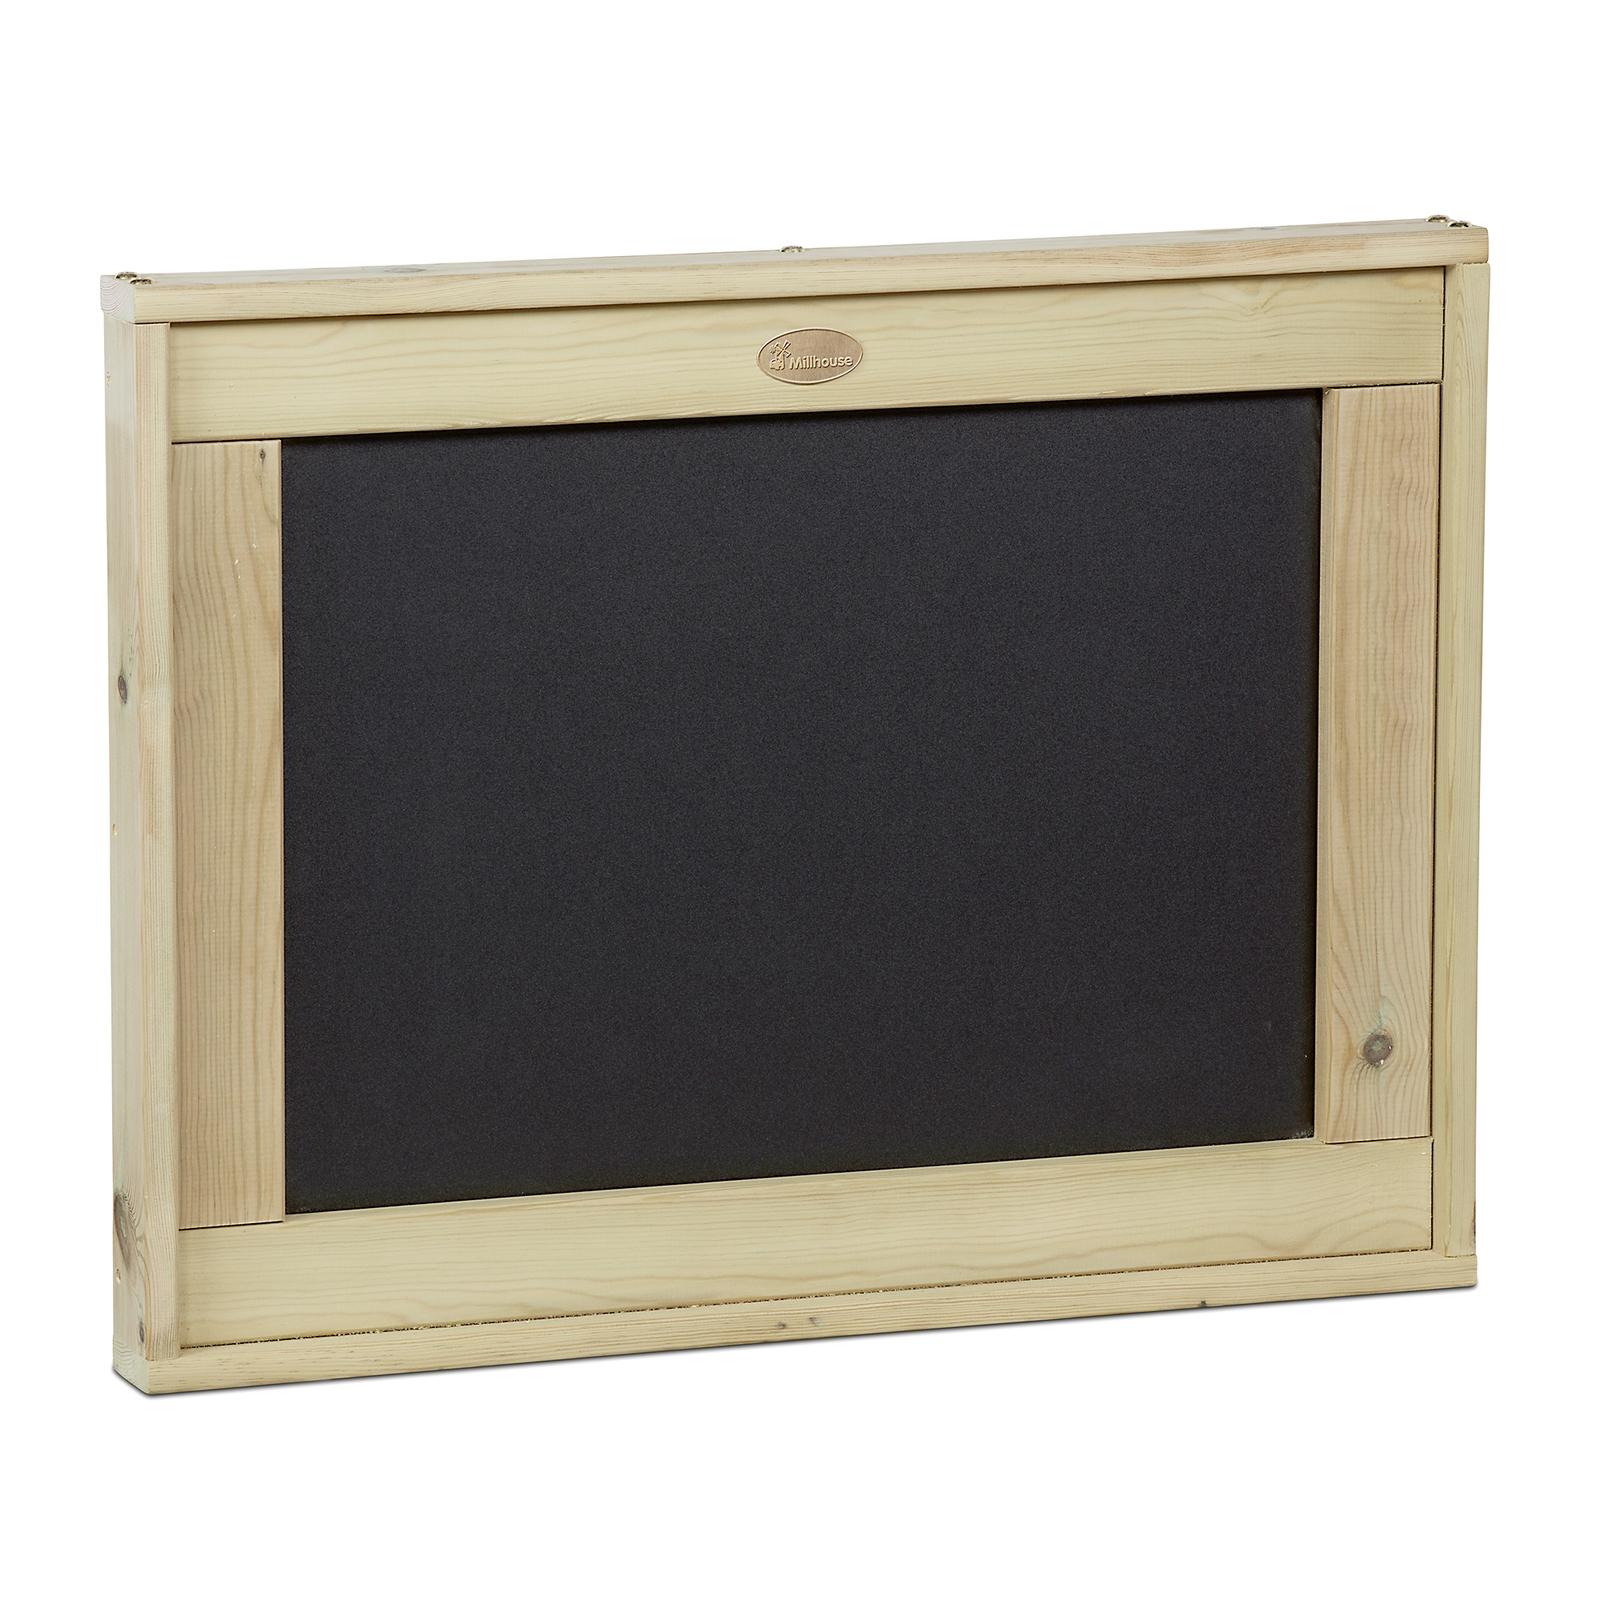 Outdoor Wall Mounted Panel Chalkboard